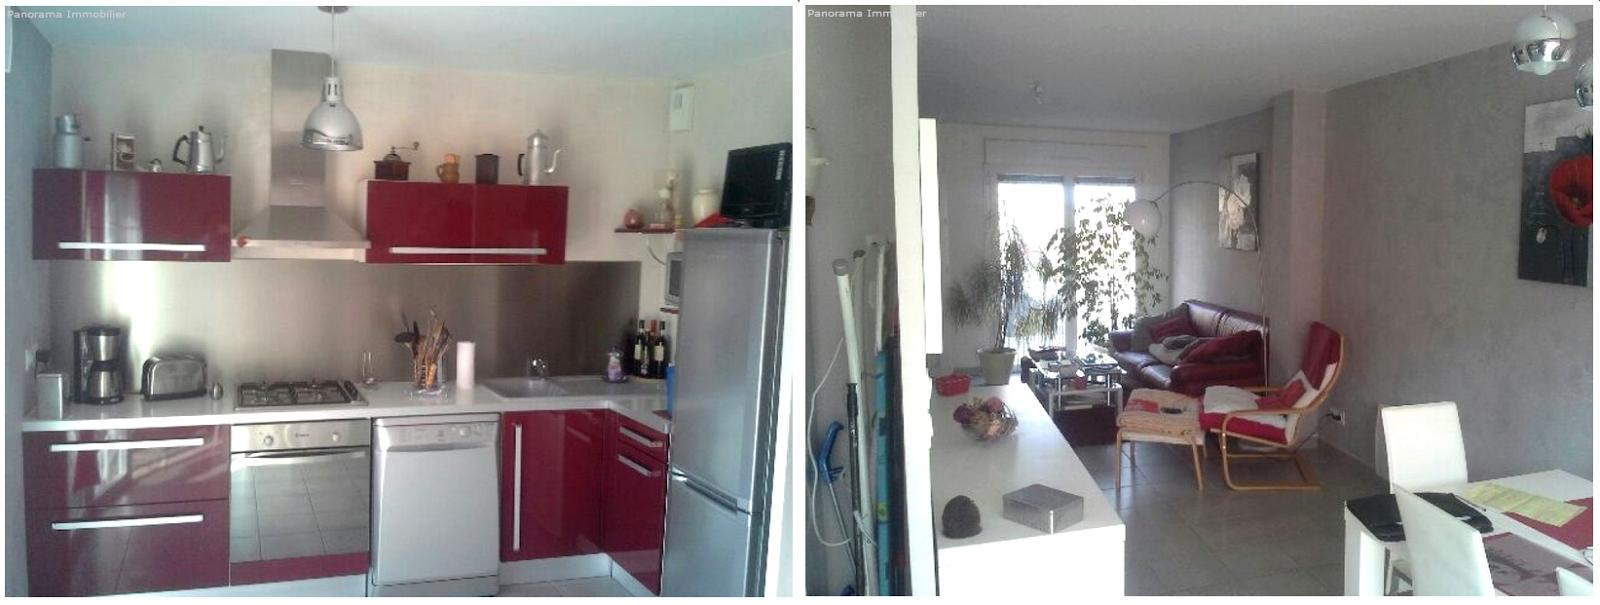 potins 105 photos de la maison bull 39 elodie. Black Bedroom Furniture Sets. Home Design Ideas